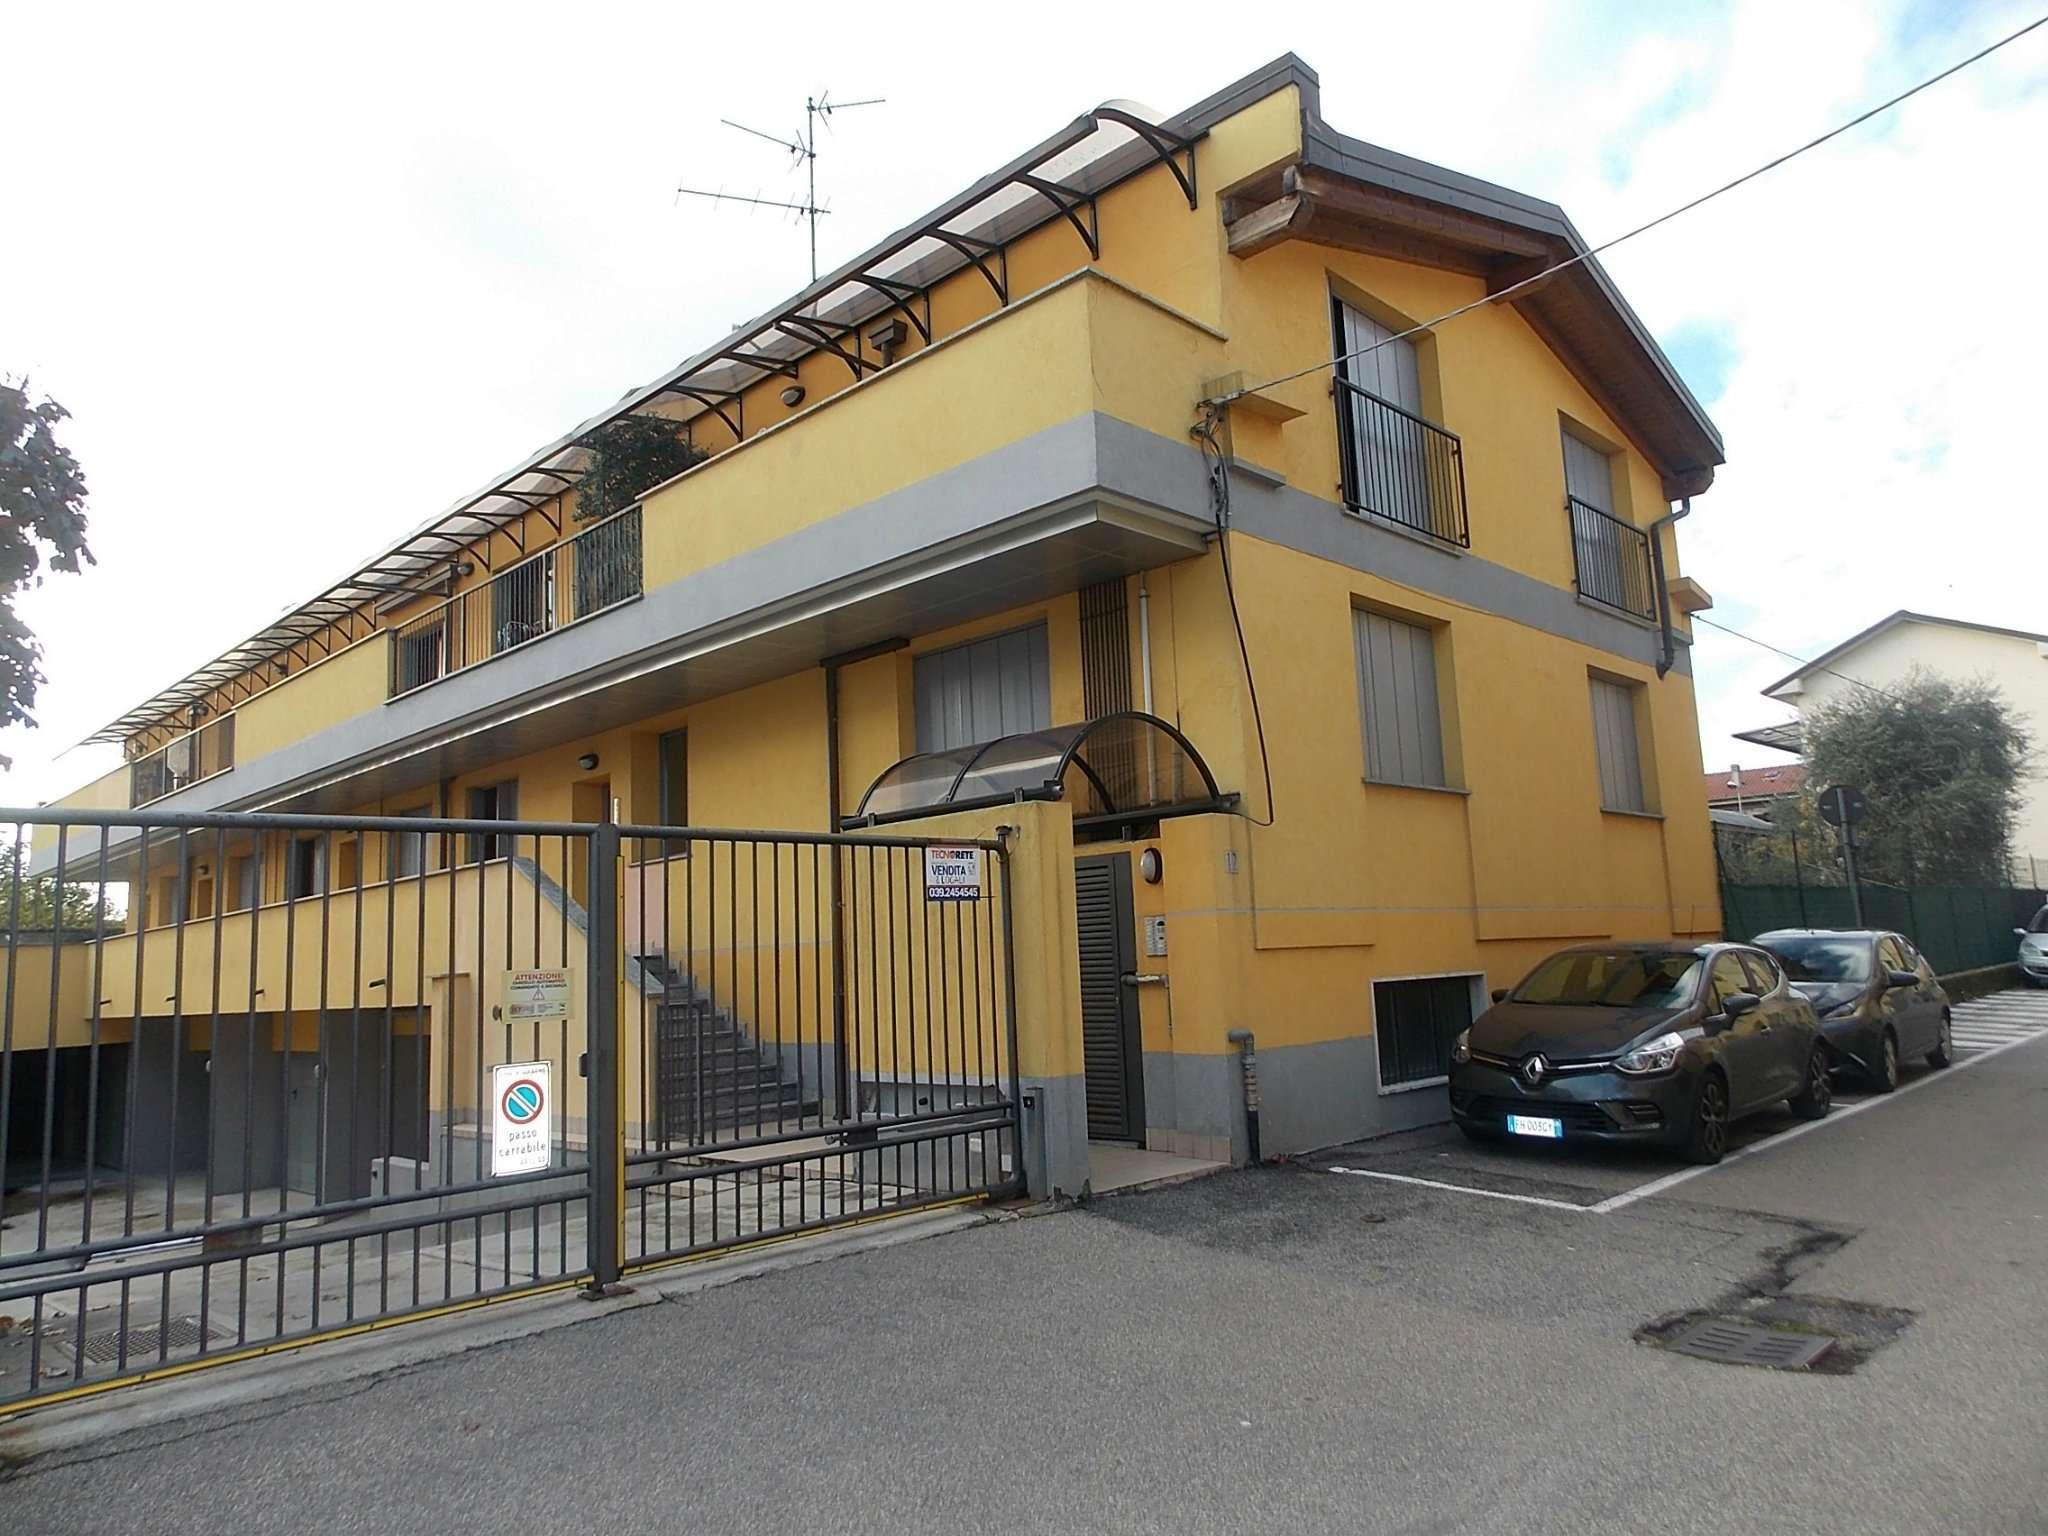 Attico / Mansarda in vendita a Lissone, 2 locali, prezzo € 105.000 | PortaleAgenzieImmobiliari.it